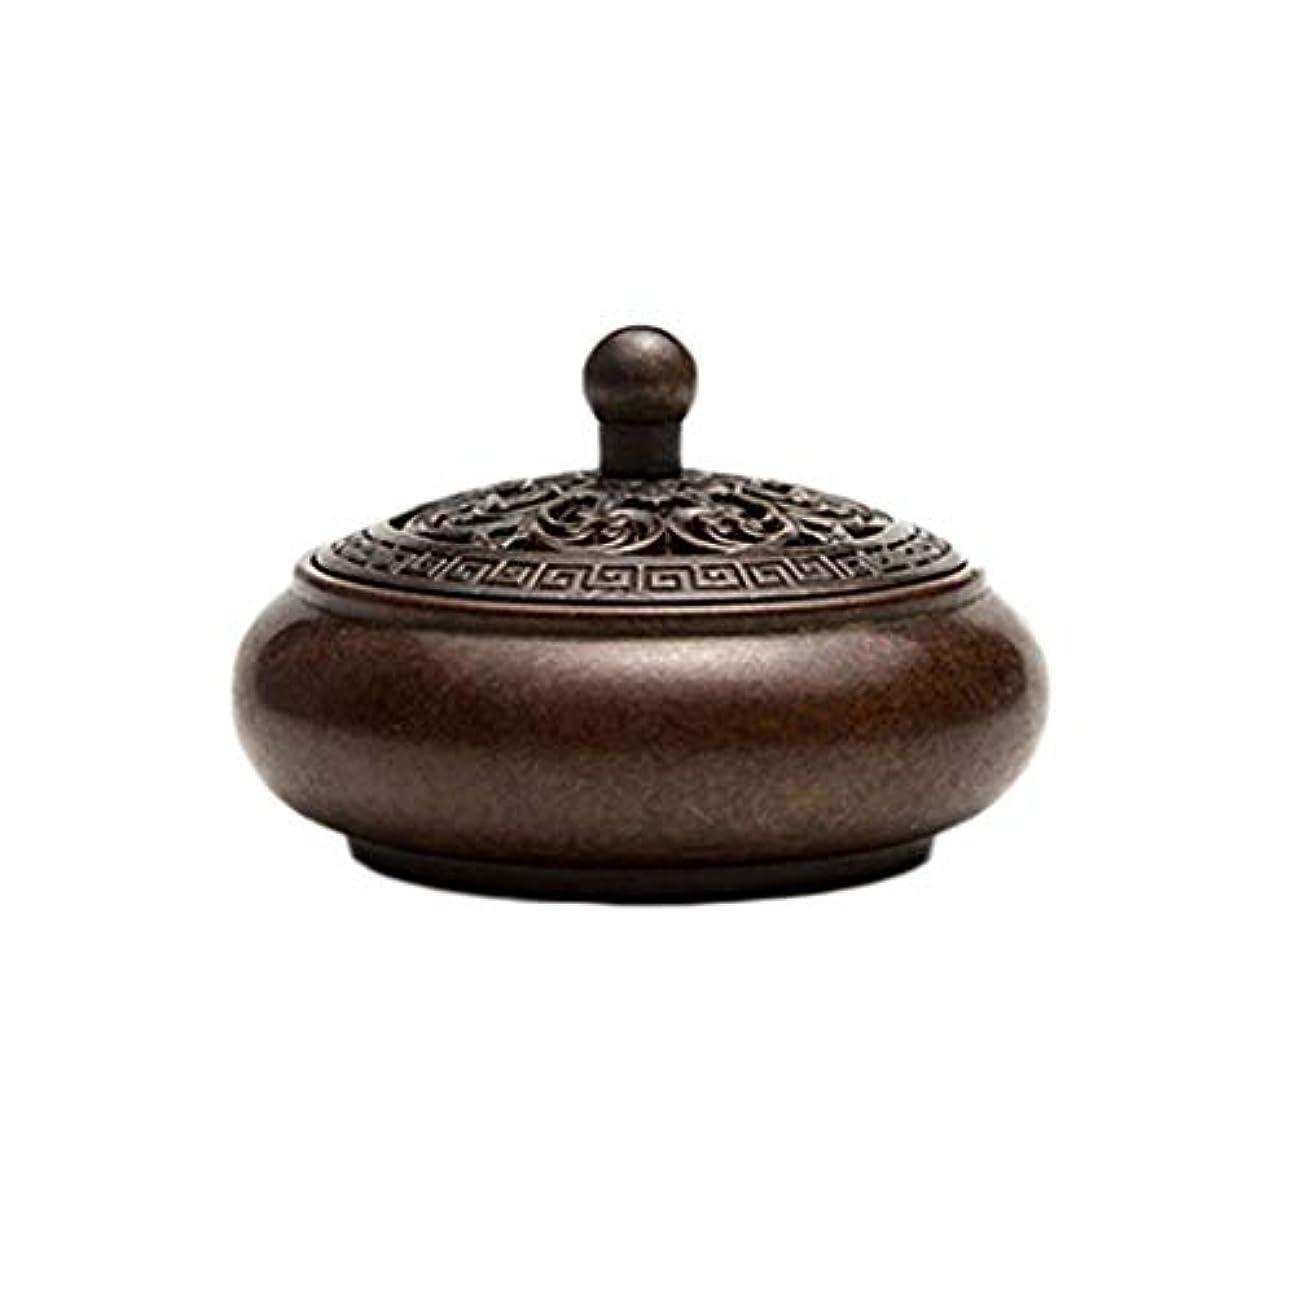 芳香器?アロマバーナー 純粋な銅板香バーナー銅アンティーククサンデ銅炉小さな香バーナー白檀炉 芳香器?アロマバーナー (Color : Naturals)